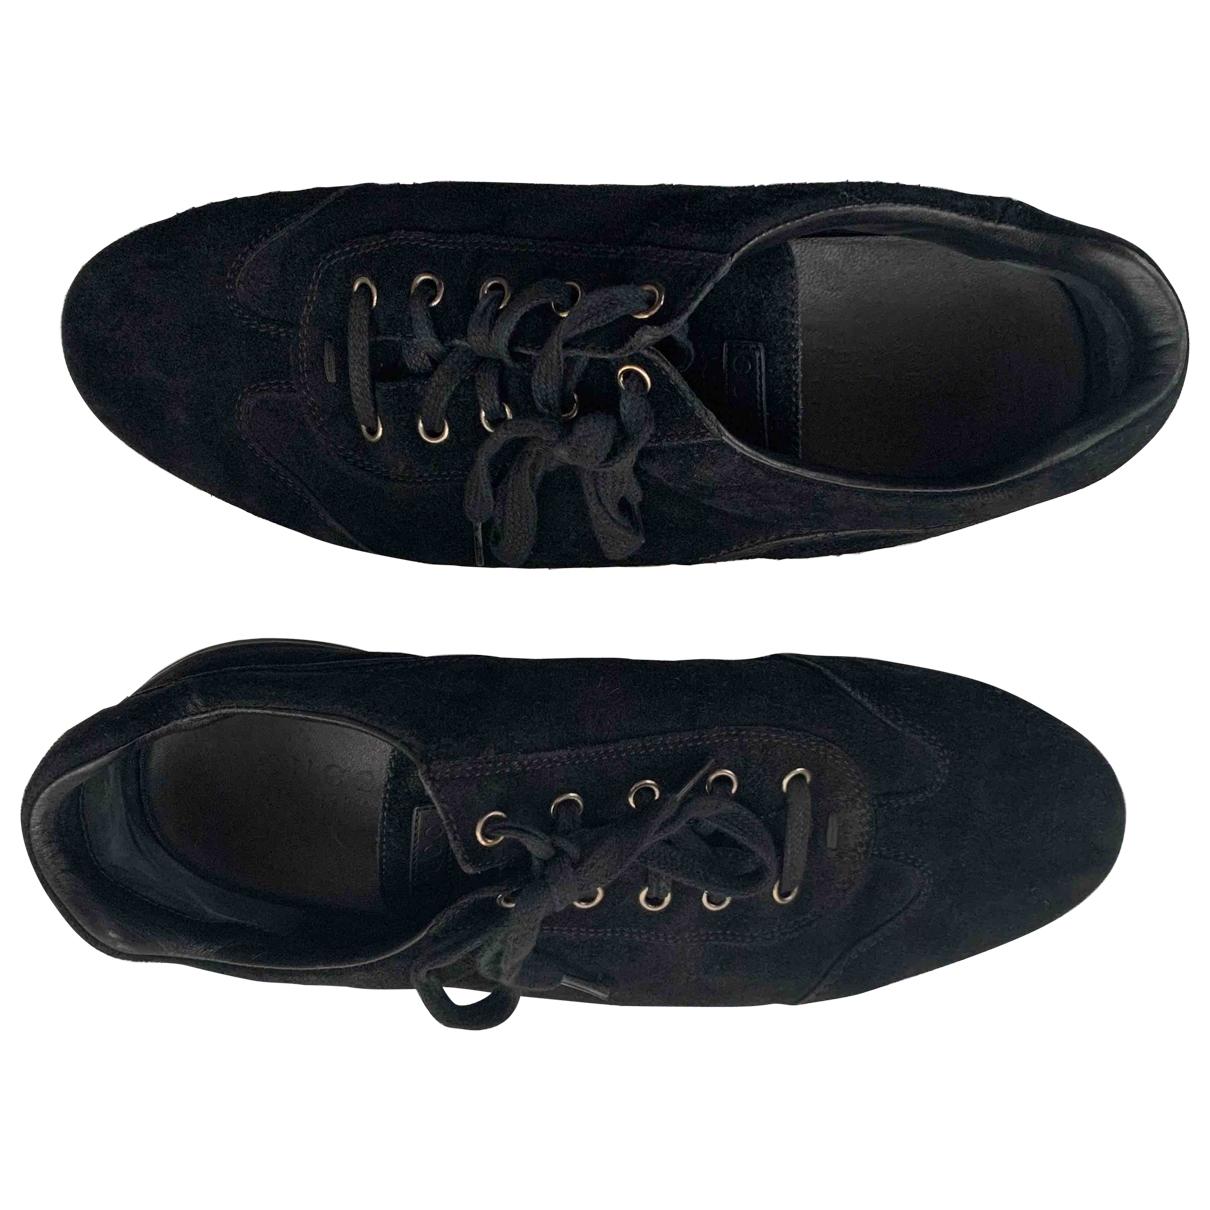 Gucci - Baskets   pour homme en suede - noir